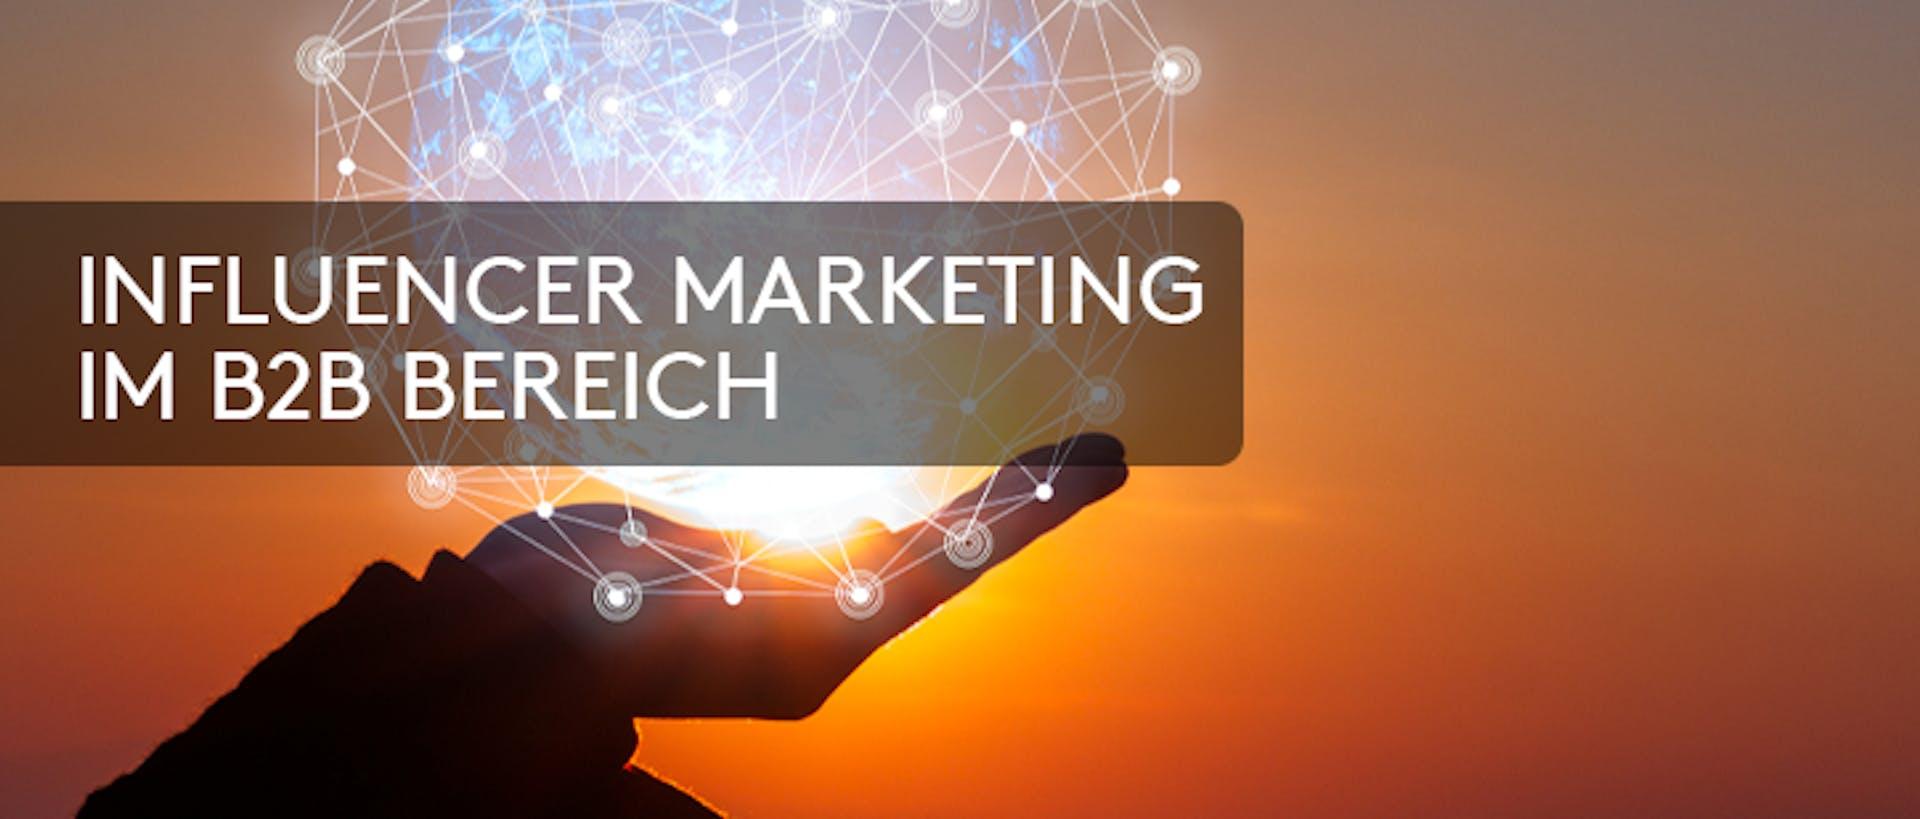 Influencer Marketing im B2B Bereich